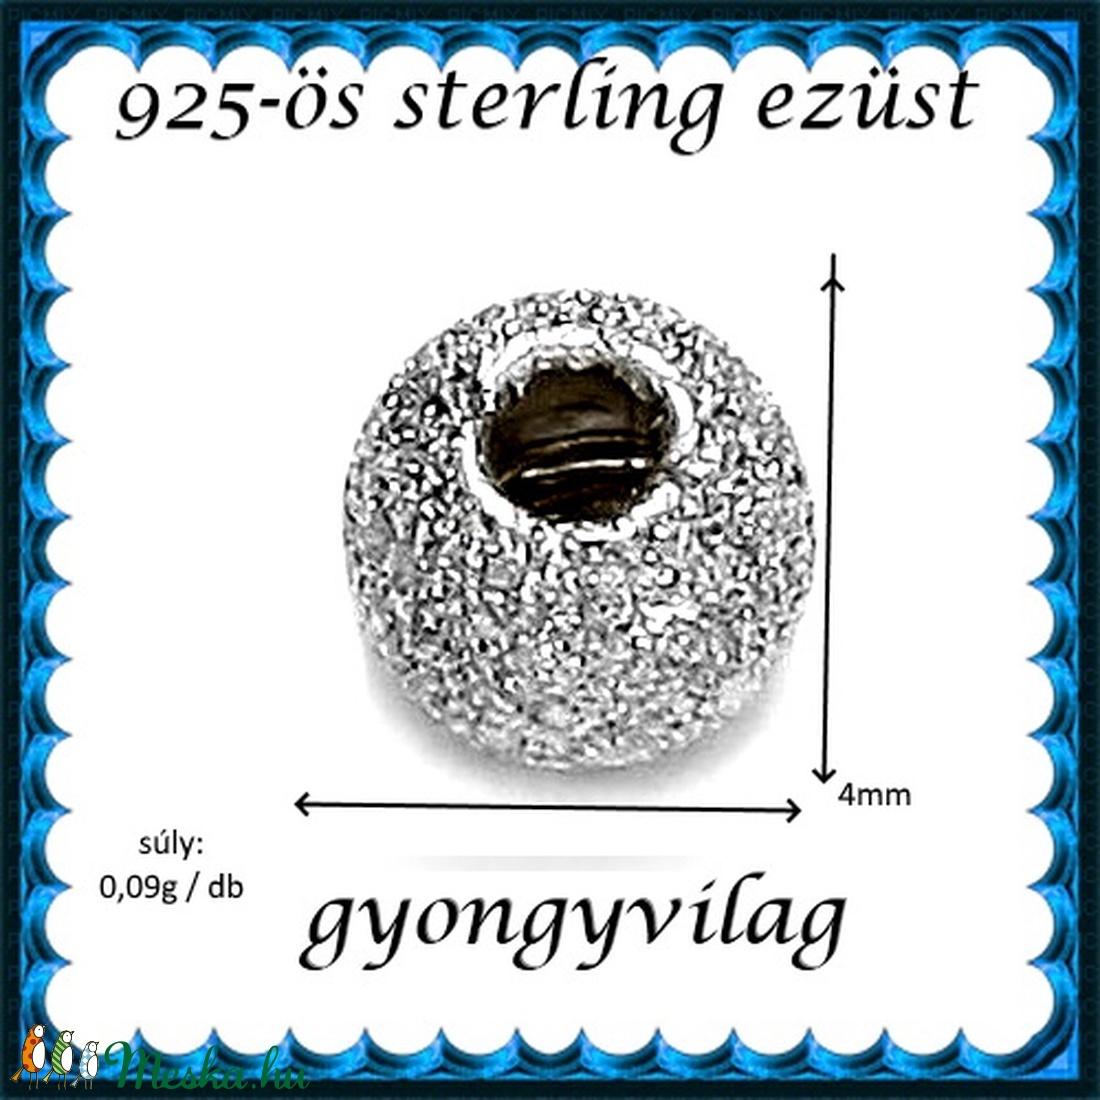 925-ös sterling ezüst ékszerkellék: köztes/gyöngy/díszitőelem EKÖ 34-4r 2db/csomag - gyöngy, ékszerkellék - fém köztesek - Meska.hu